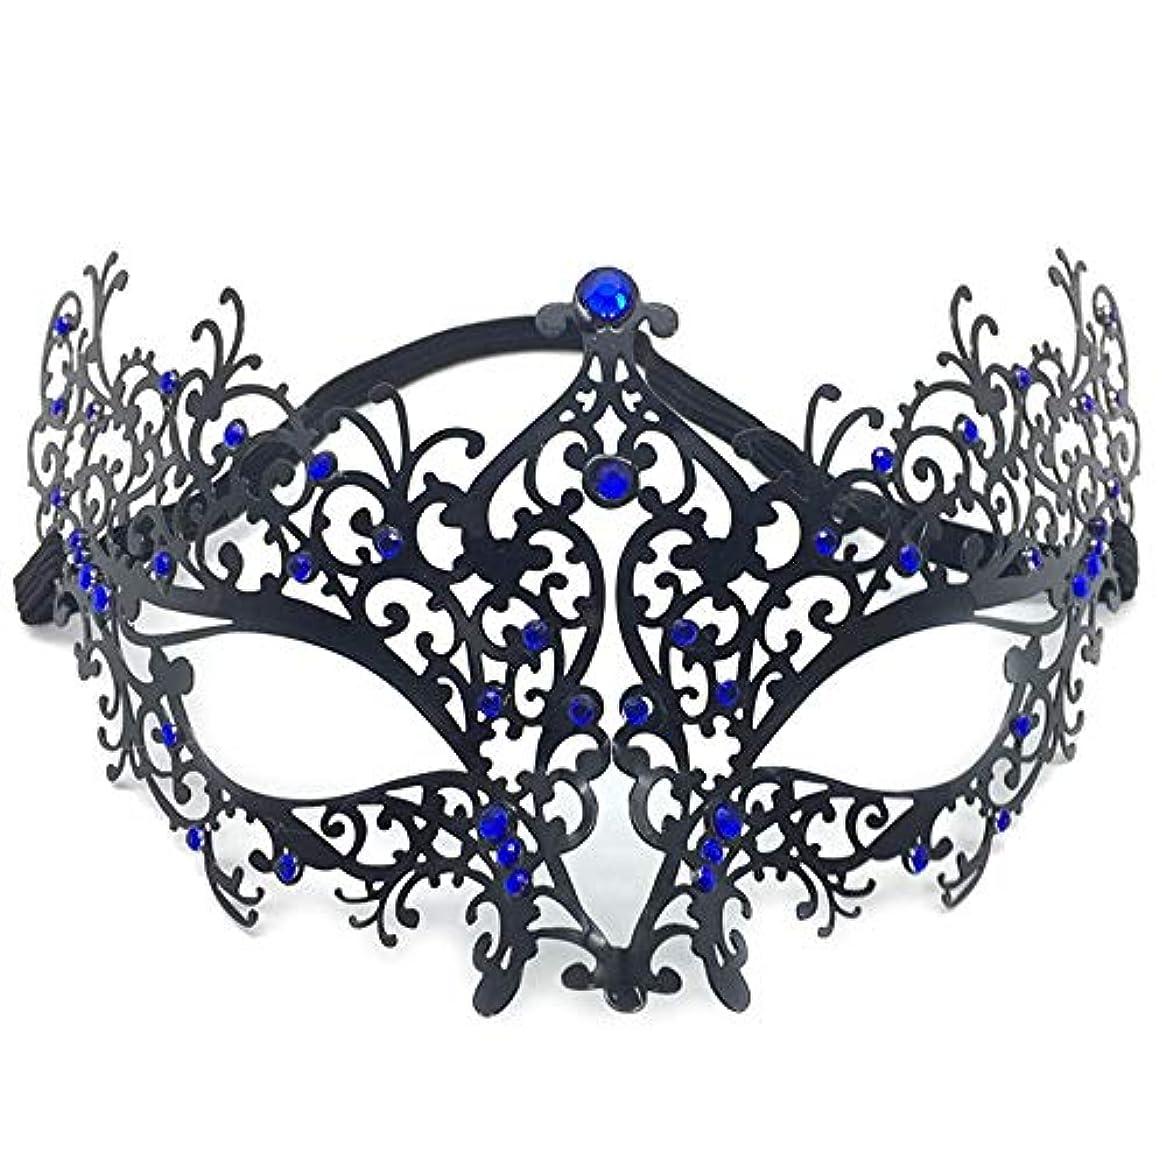 アジア人ケイ素なんとなく仮面舞踏会アイアンマスクパーティーCOSはメタリックダイヤモンドハーフフェイスハロウィンアイアンマスクをドレスアップ (Color : B)